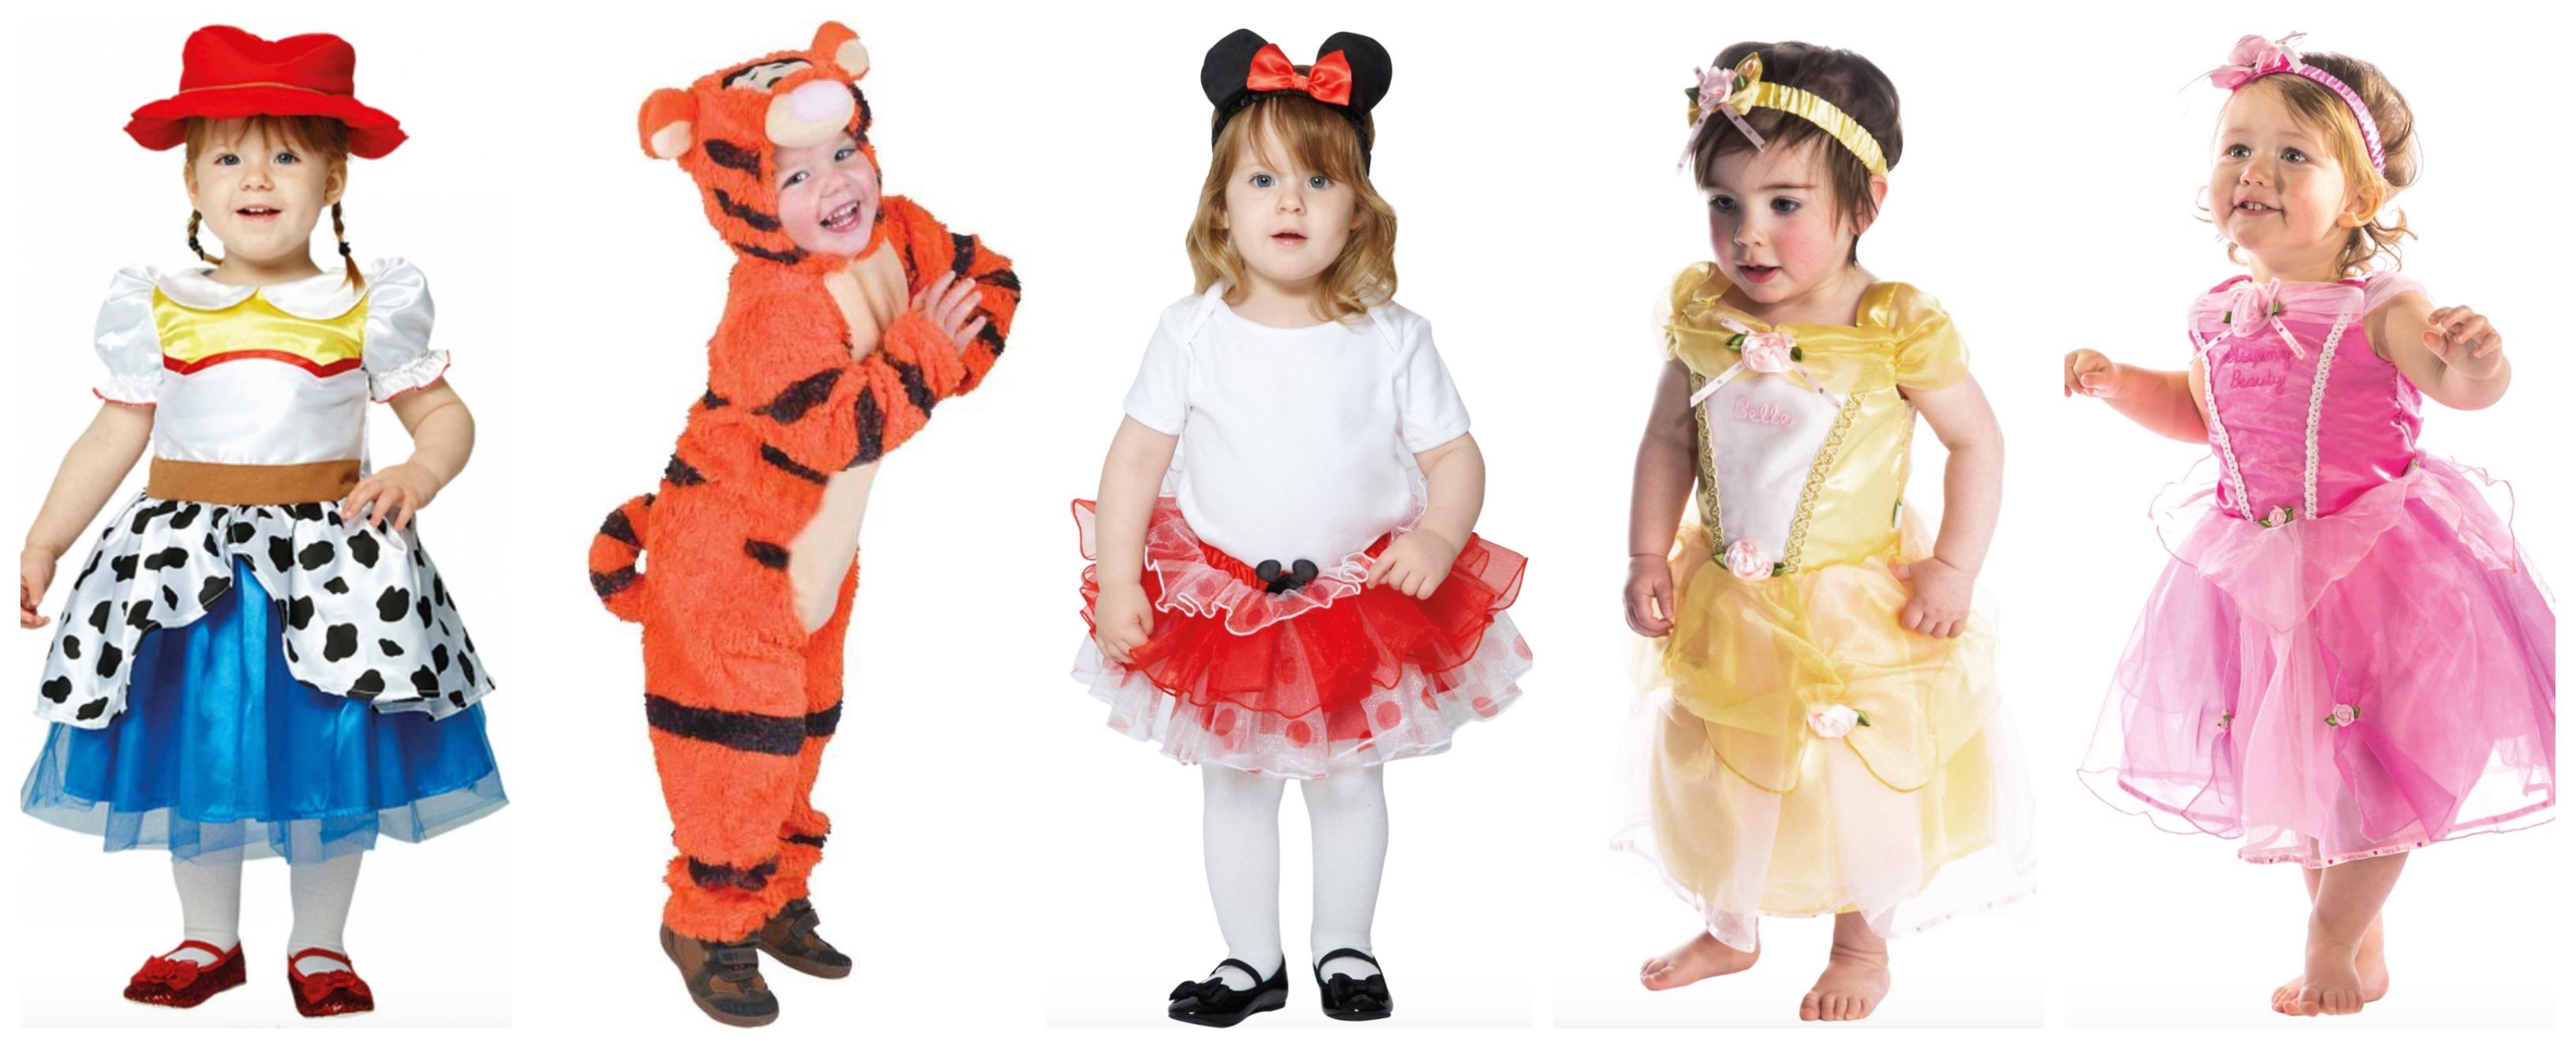 disney babykostumer - Disney kostume til baby